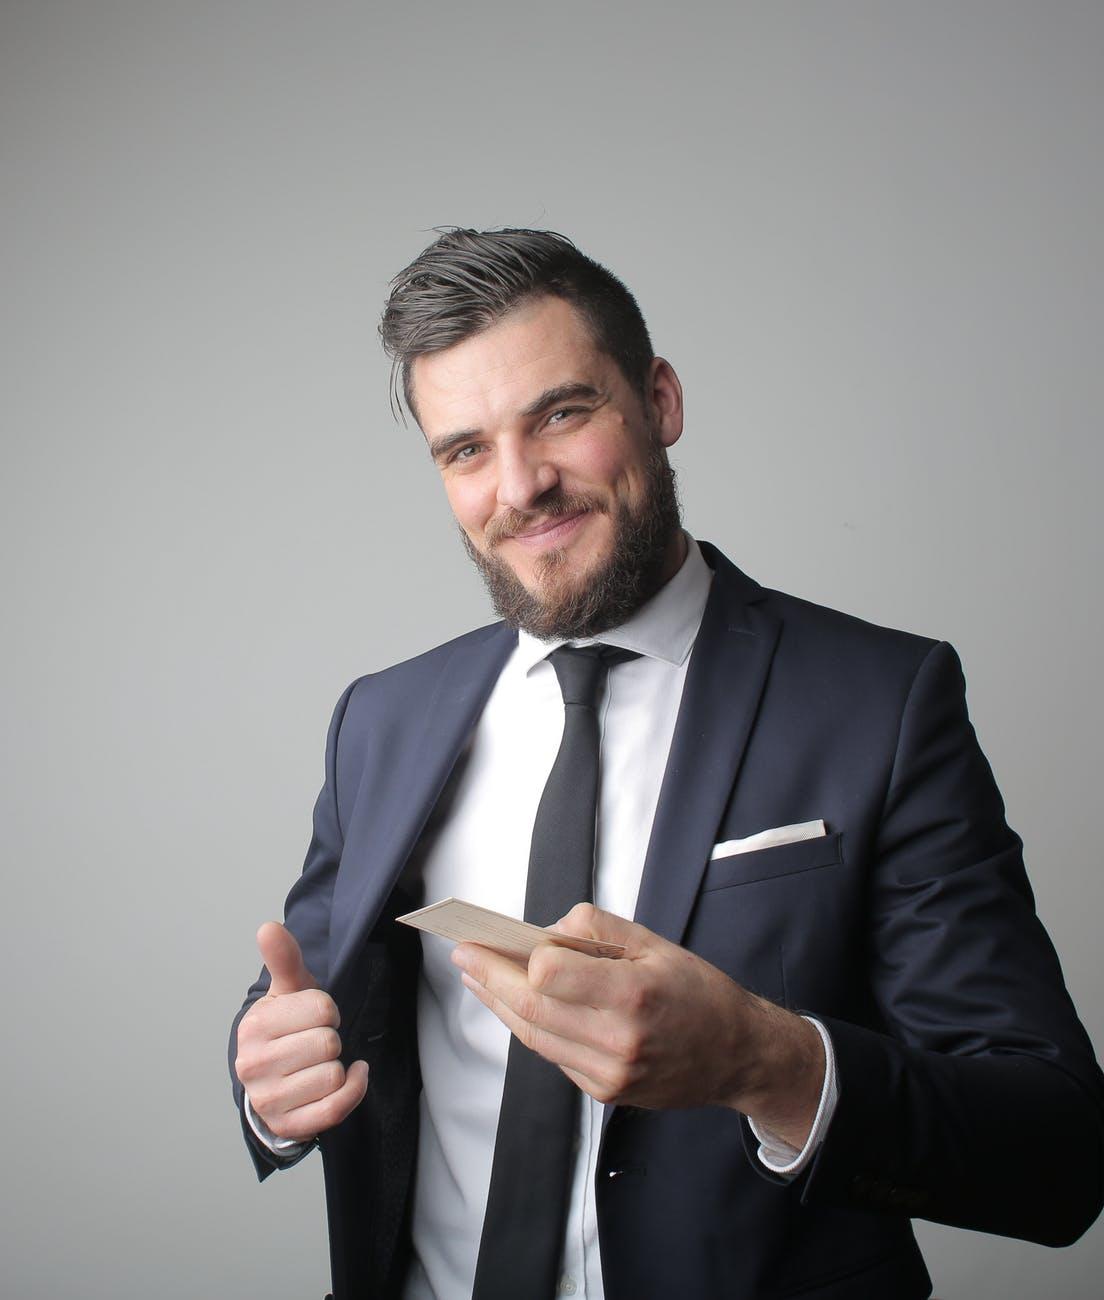 Üzleti portréfotózás…